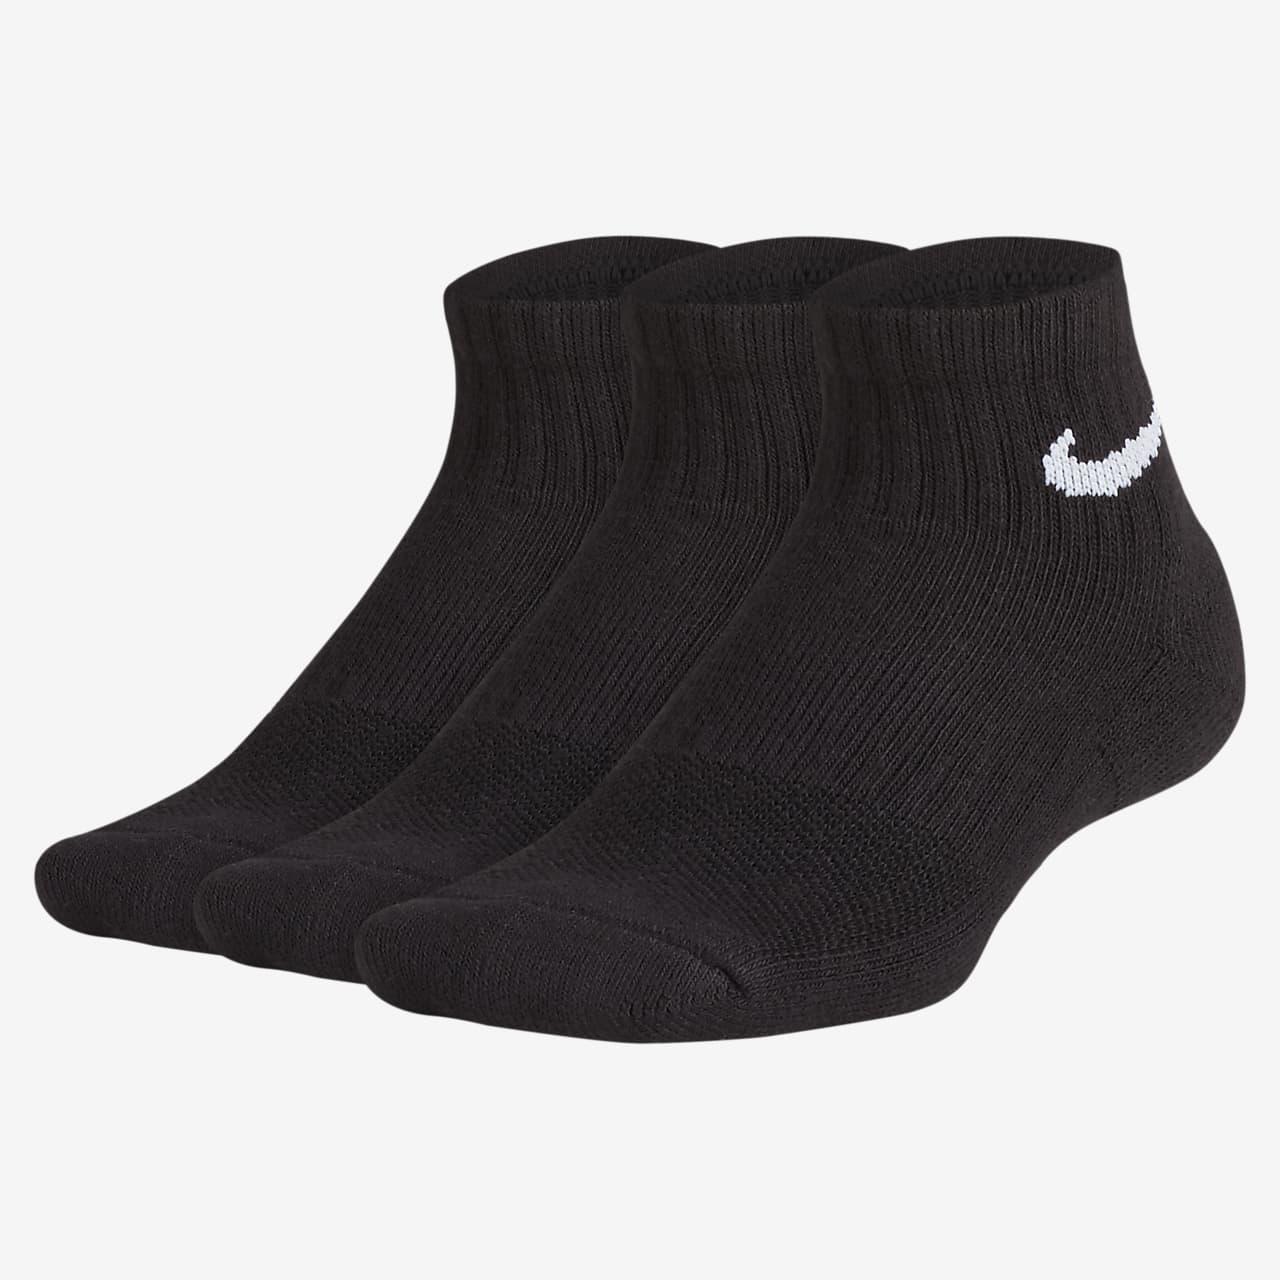 Vristhöga strumpor med dämpning Nike Everyday för ungdom (3 par)